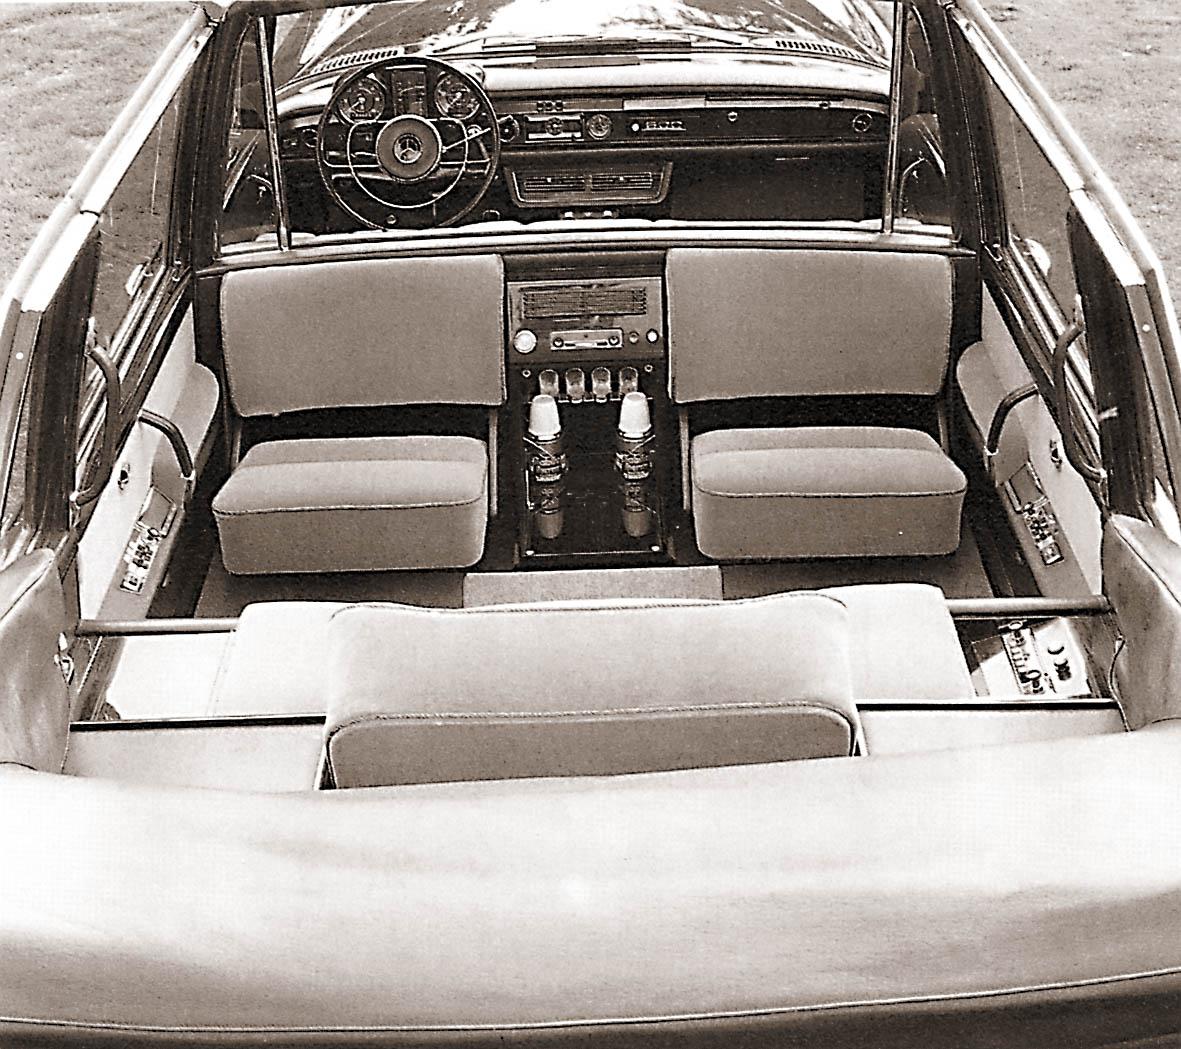 """Erikoisovijärjestelyt sulavoittivat """"Popemobilen"""" akvaariomaisia linjoja. Takana oli vain yksi varsinainen istuin, ja sekin hydraulisesti korkeudeltaan säädettävissä. Kardinaaleille tai avustajille oli tarjolla tilapäispenkit selkä menosuuntaan. Keskellä oli lokerikko termospulloille (tai vihkivedelle?) ja kristallilaseille sekä ilmastoinnin säädöt ja osa monipuolisen radiopuhelinjärjestelmän nappuloista. Auto on nykyisin Mercedesin tehdasmuseossa."""